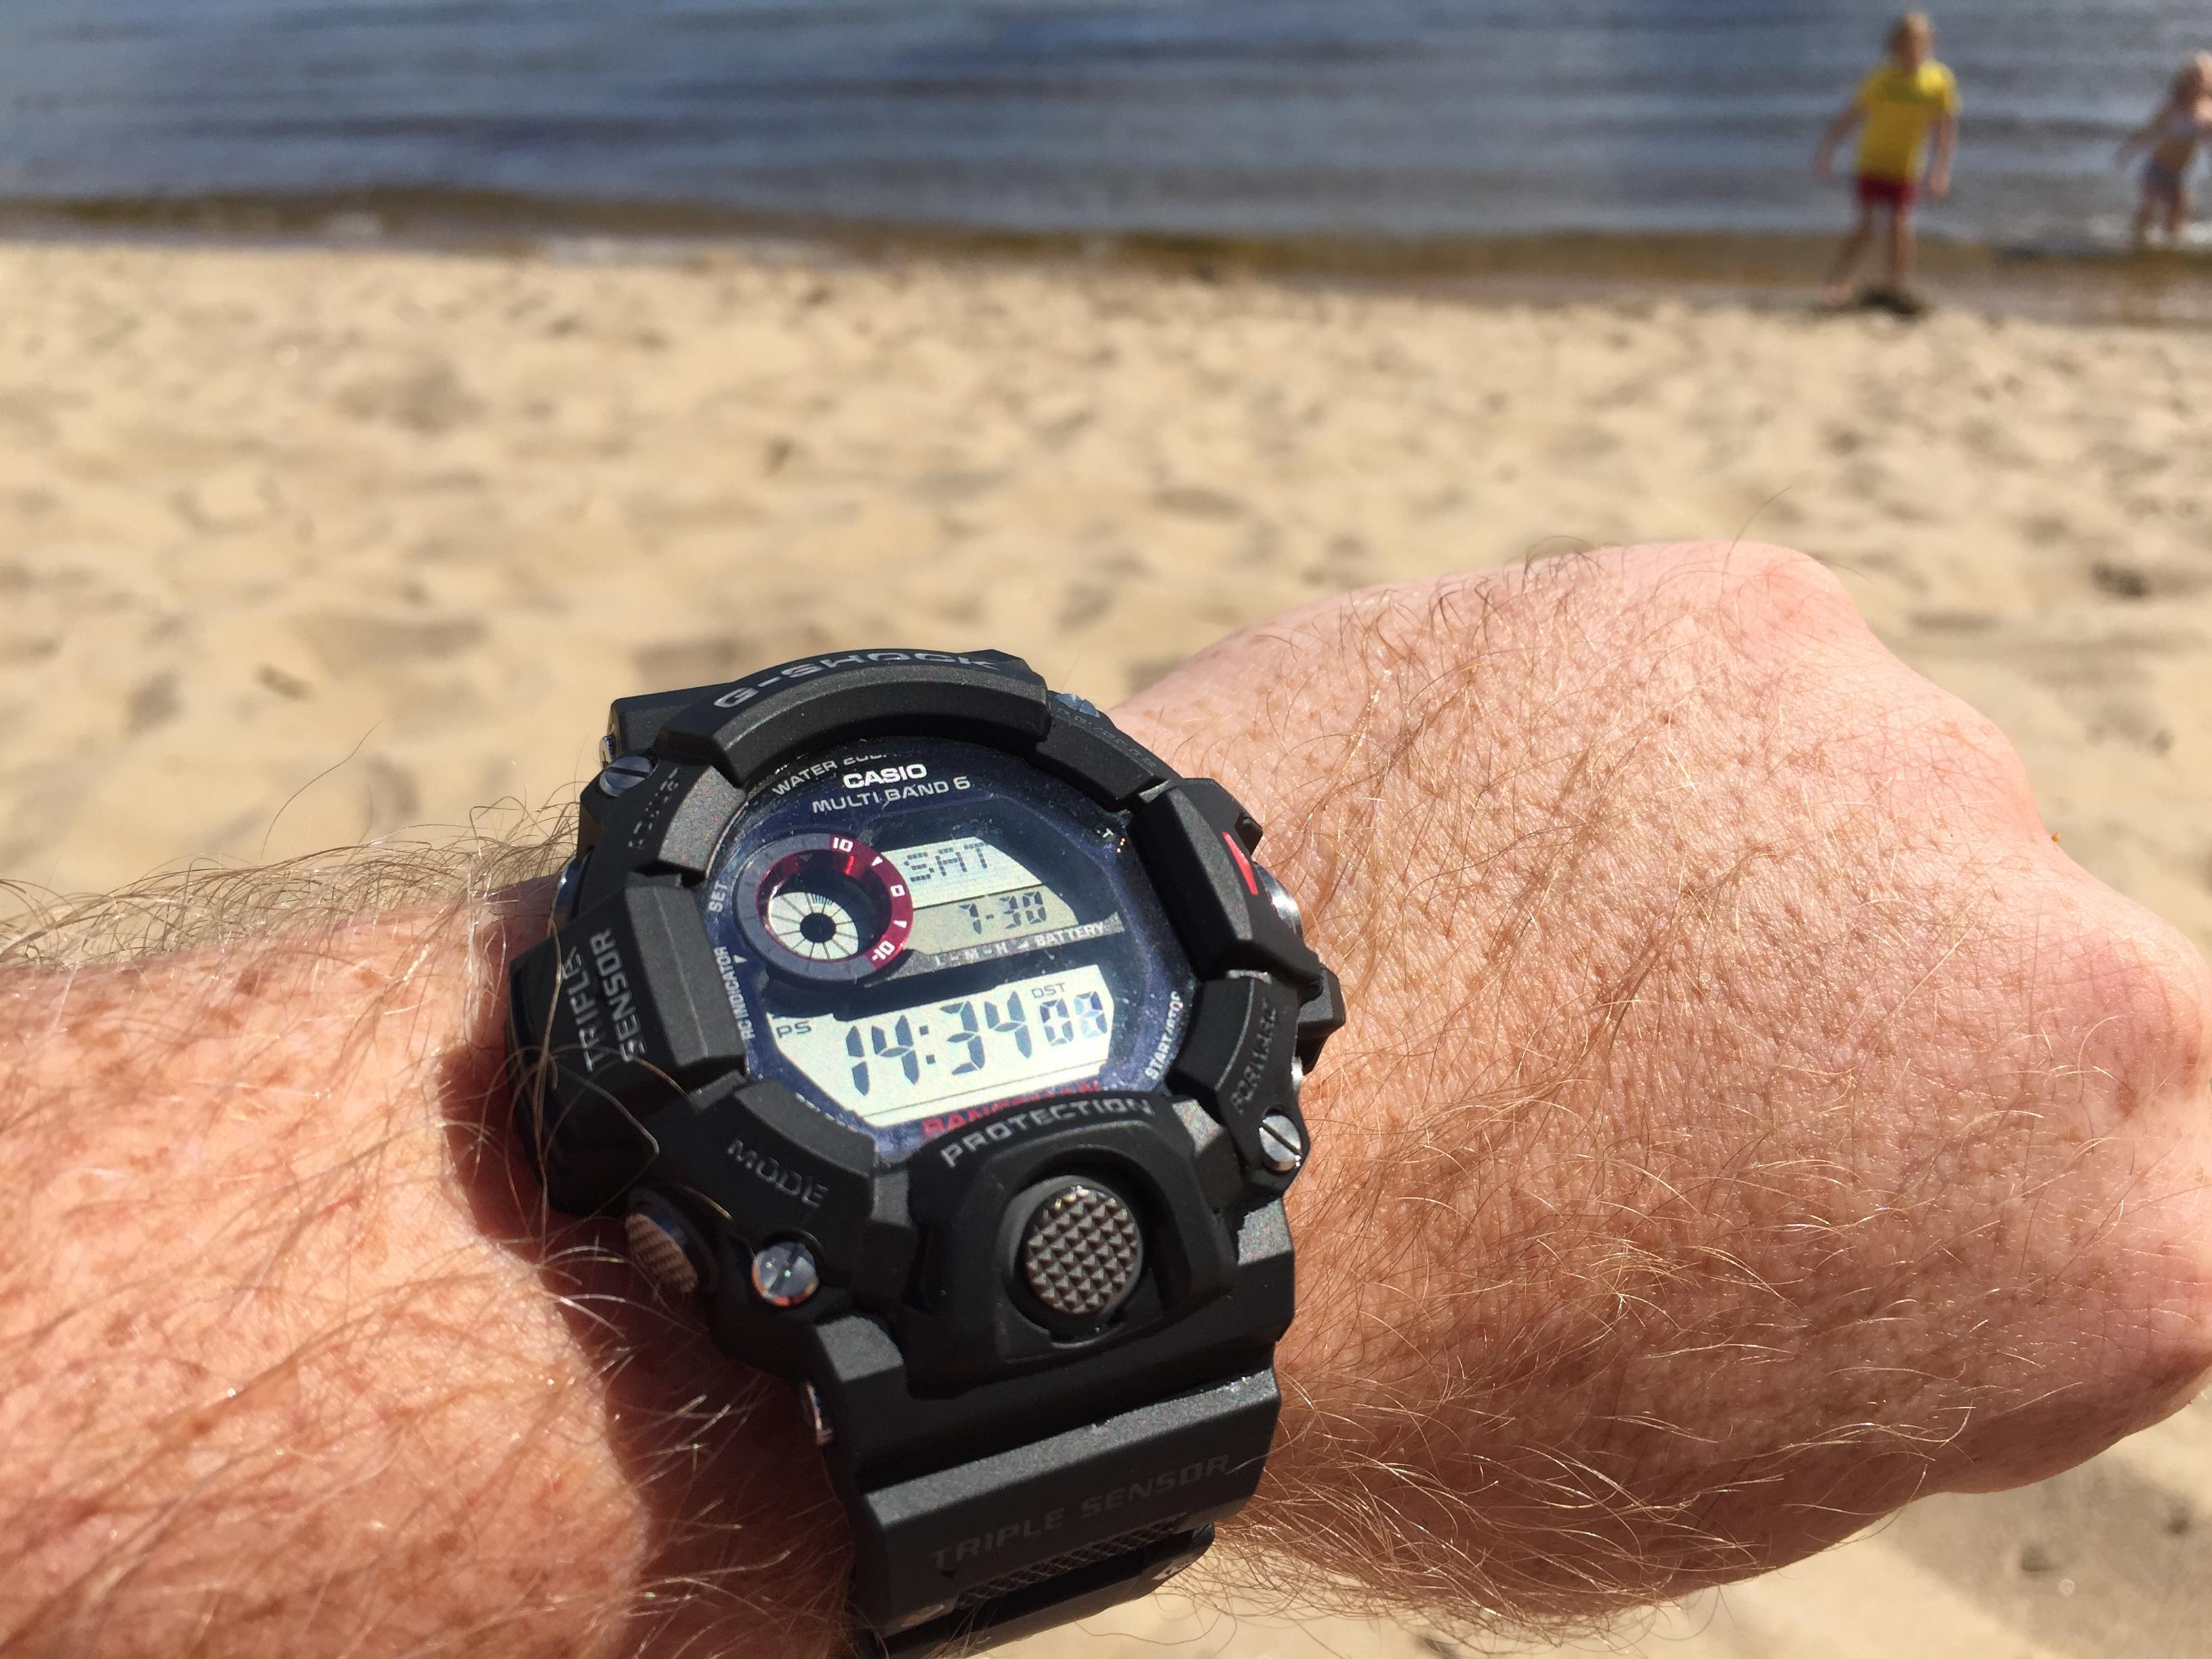 GW9400-1 on the beach